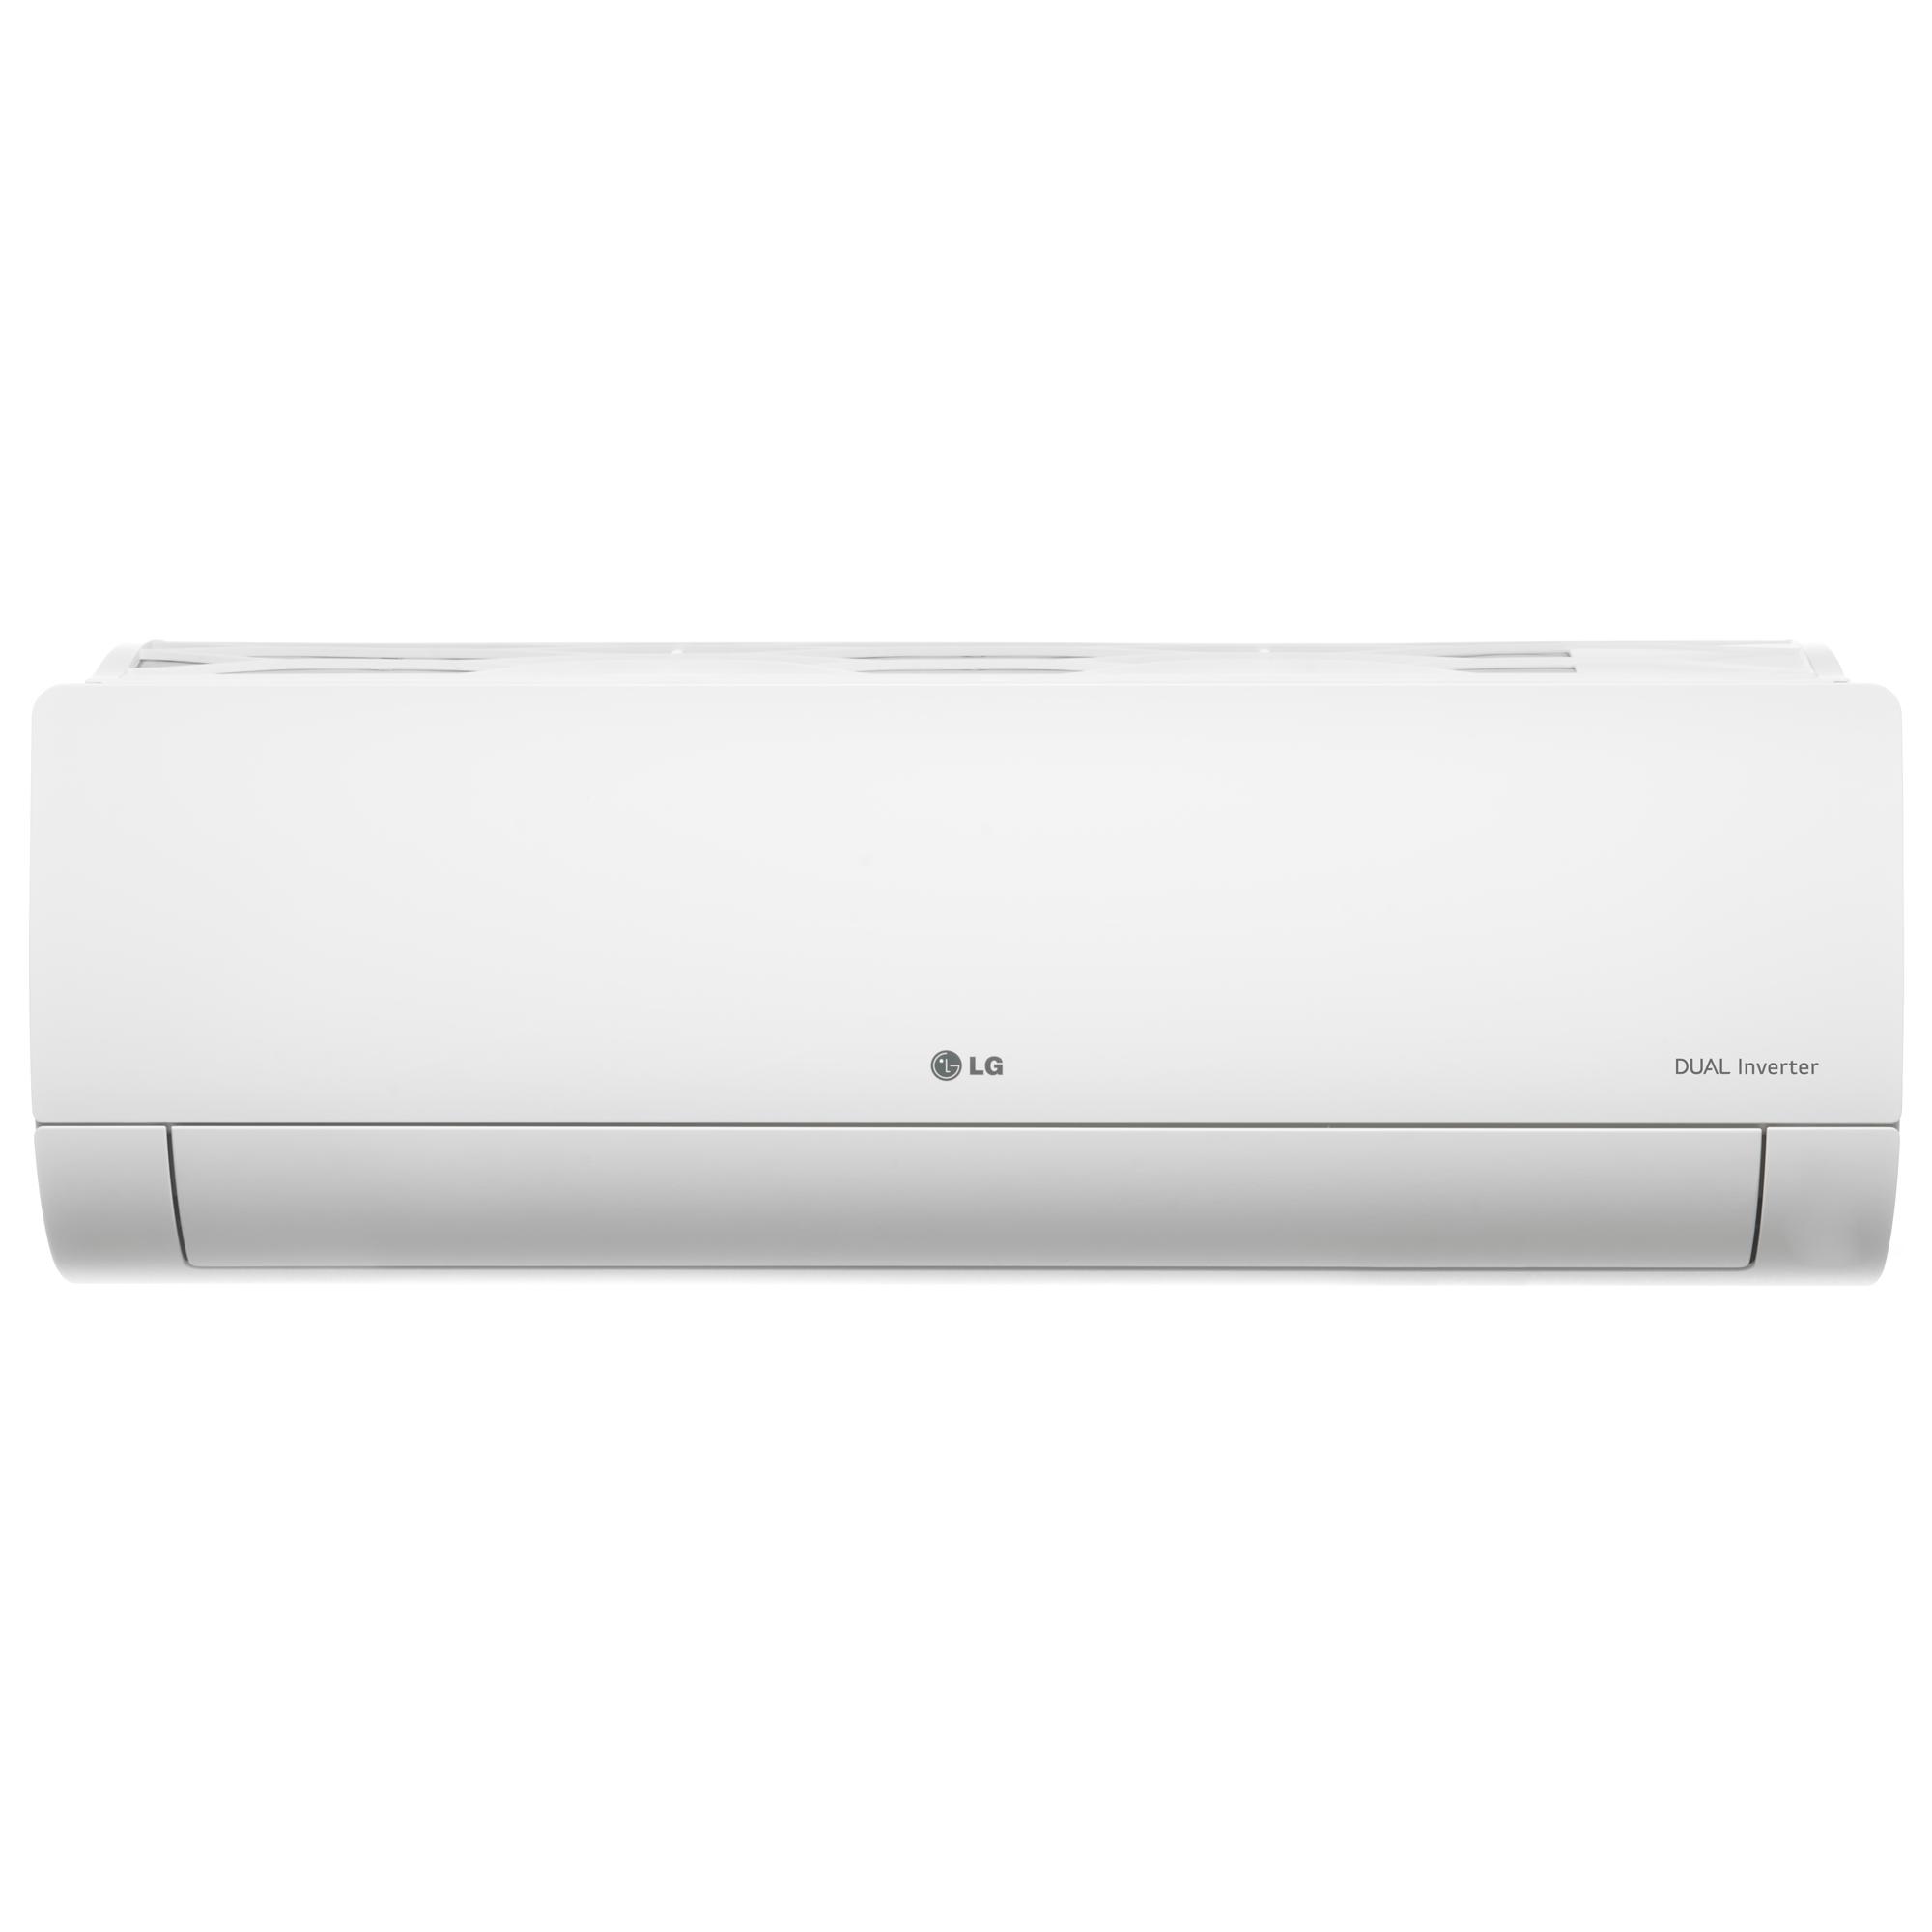 LG 2 Ton 3 Star Inverter Split AC (Copper Condenser, MS-Q24HNXA, White)_1